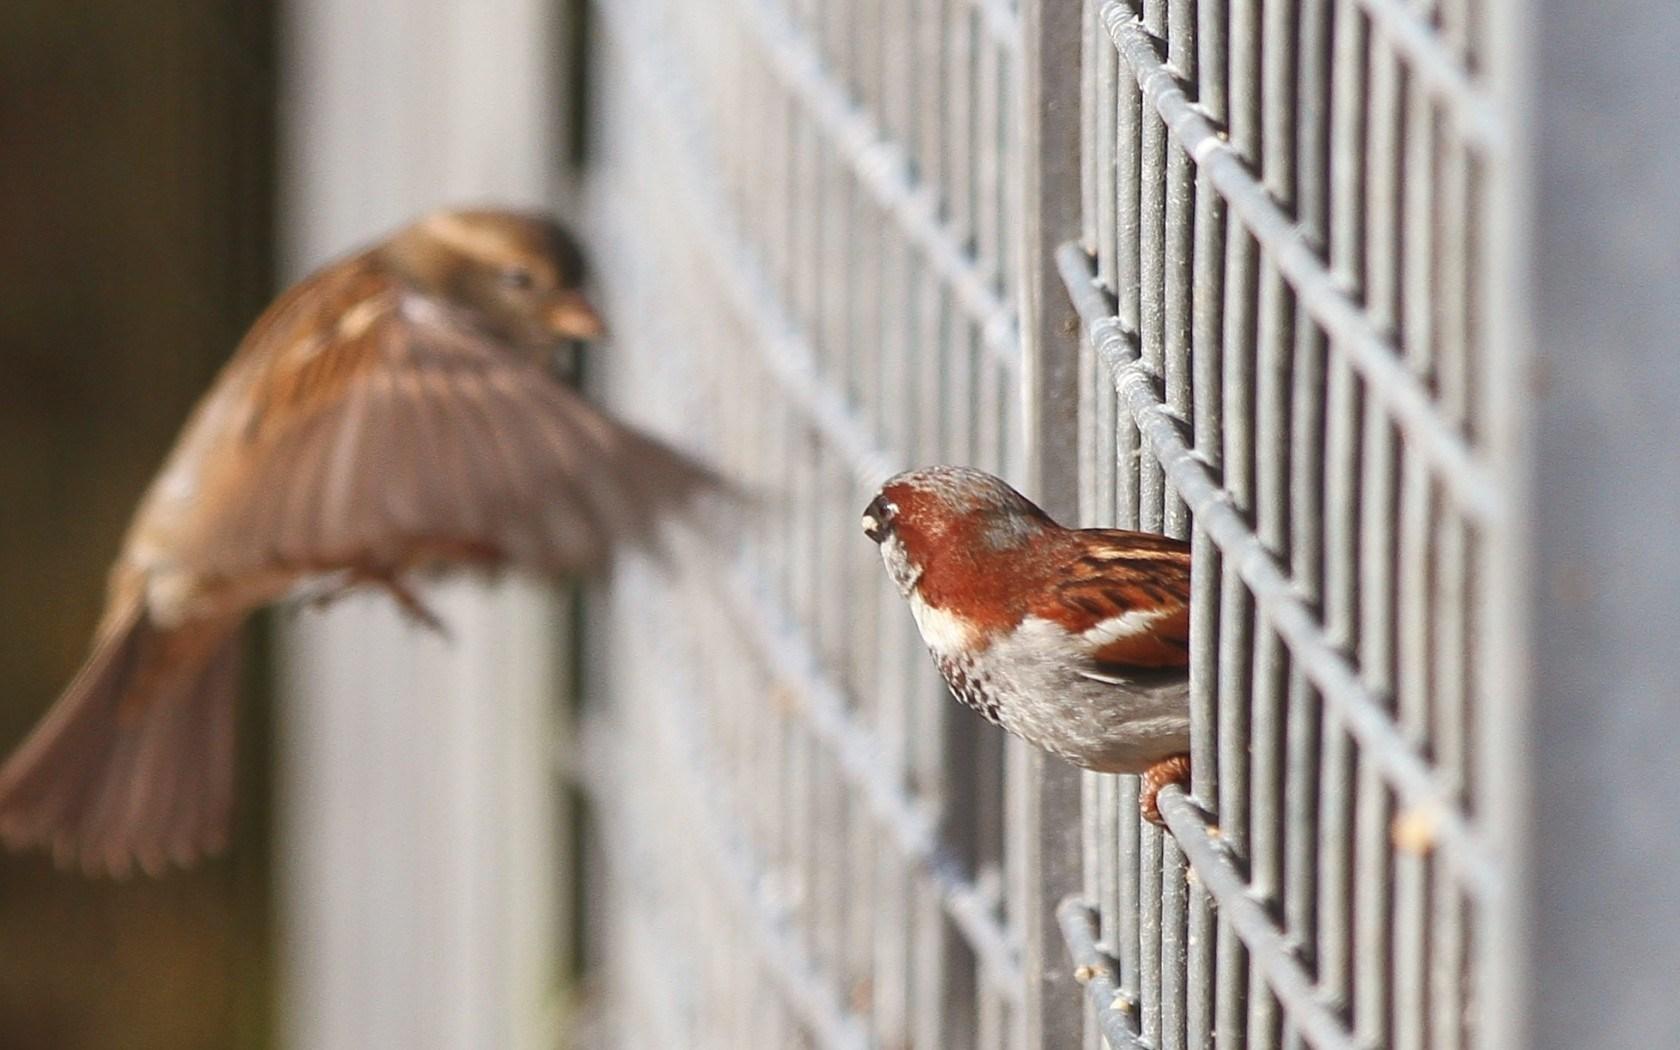 Birds Sparrows Focus Fence